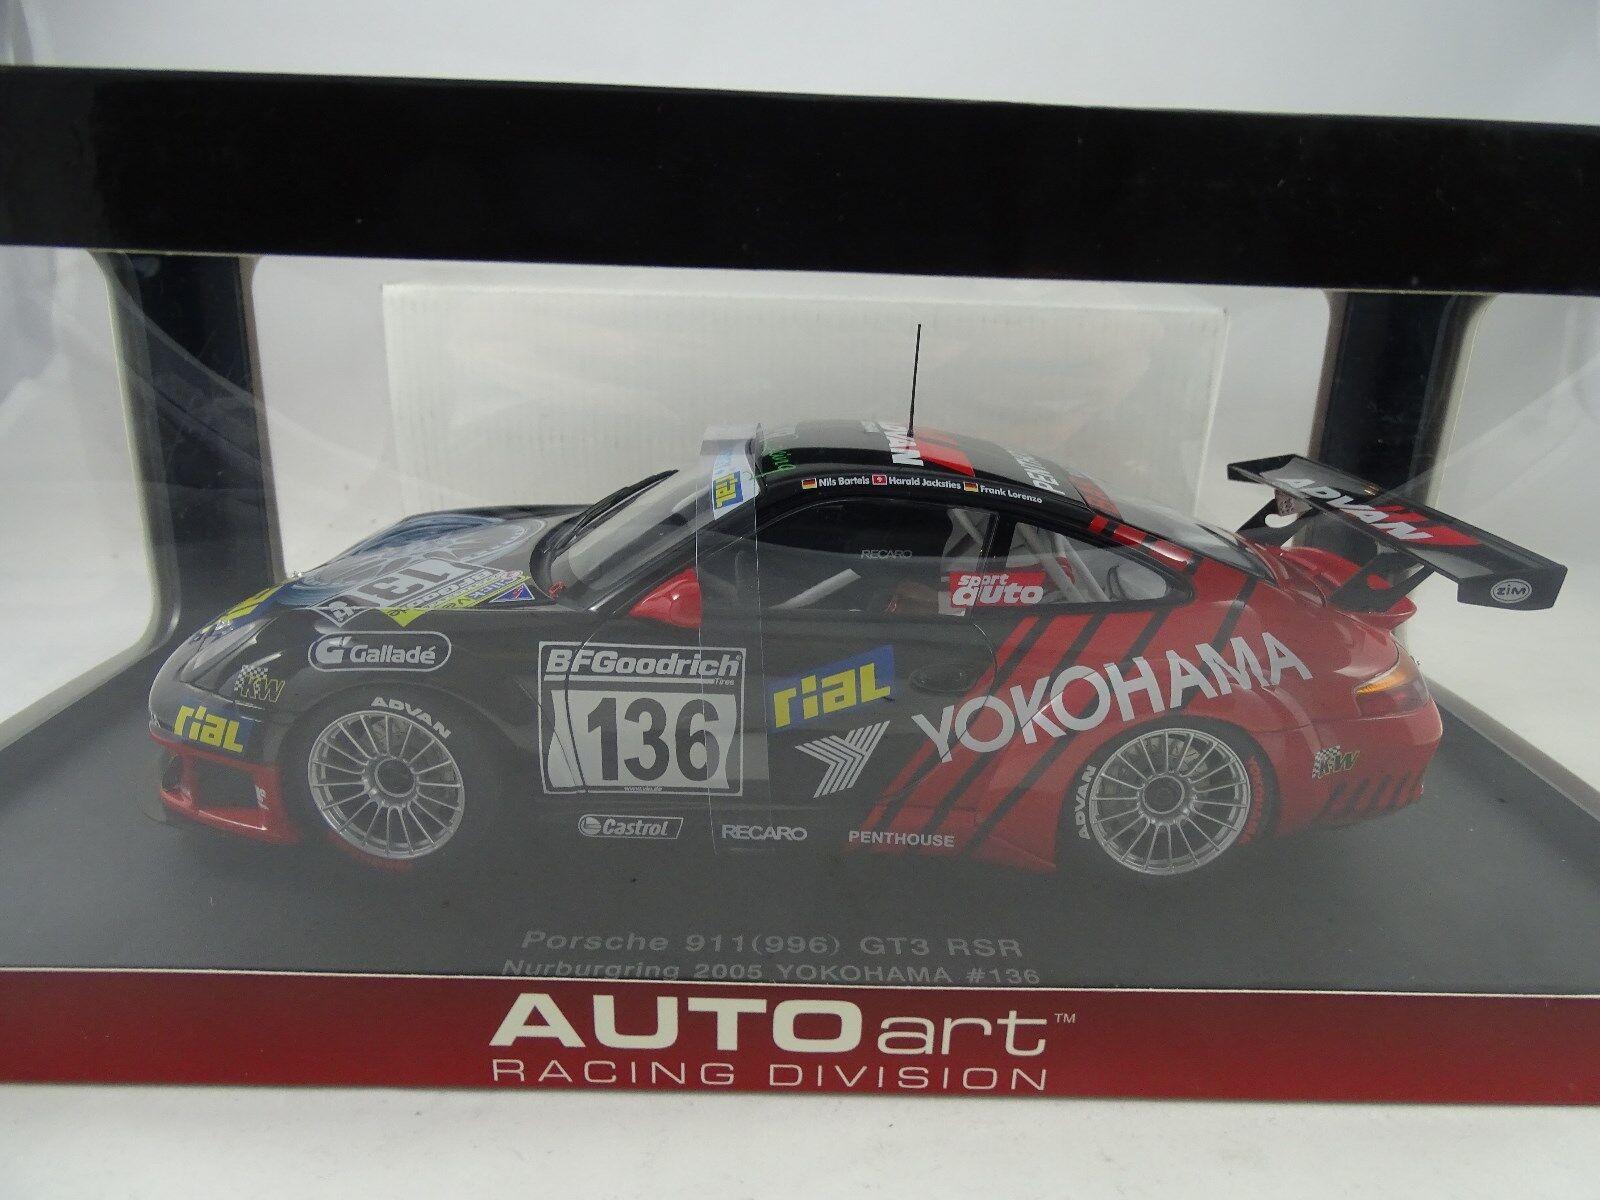 promociones emocionantes 1 1 1 18 Autoart 80571 Porsche 911 (996) Gt3 Rsr Nurburgring 2005  136  marca de lujo